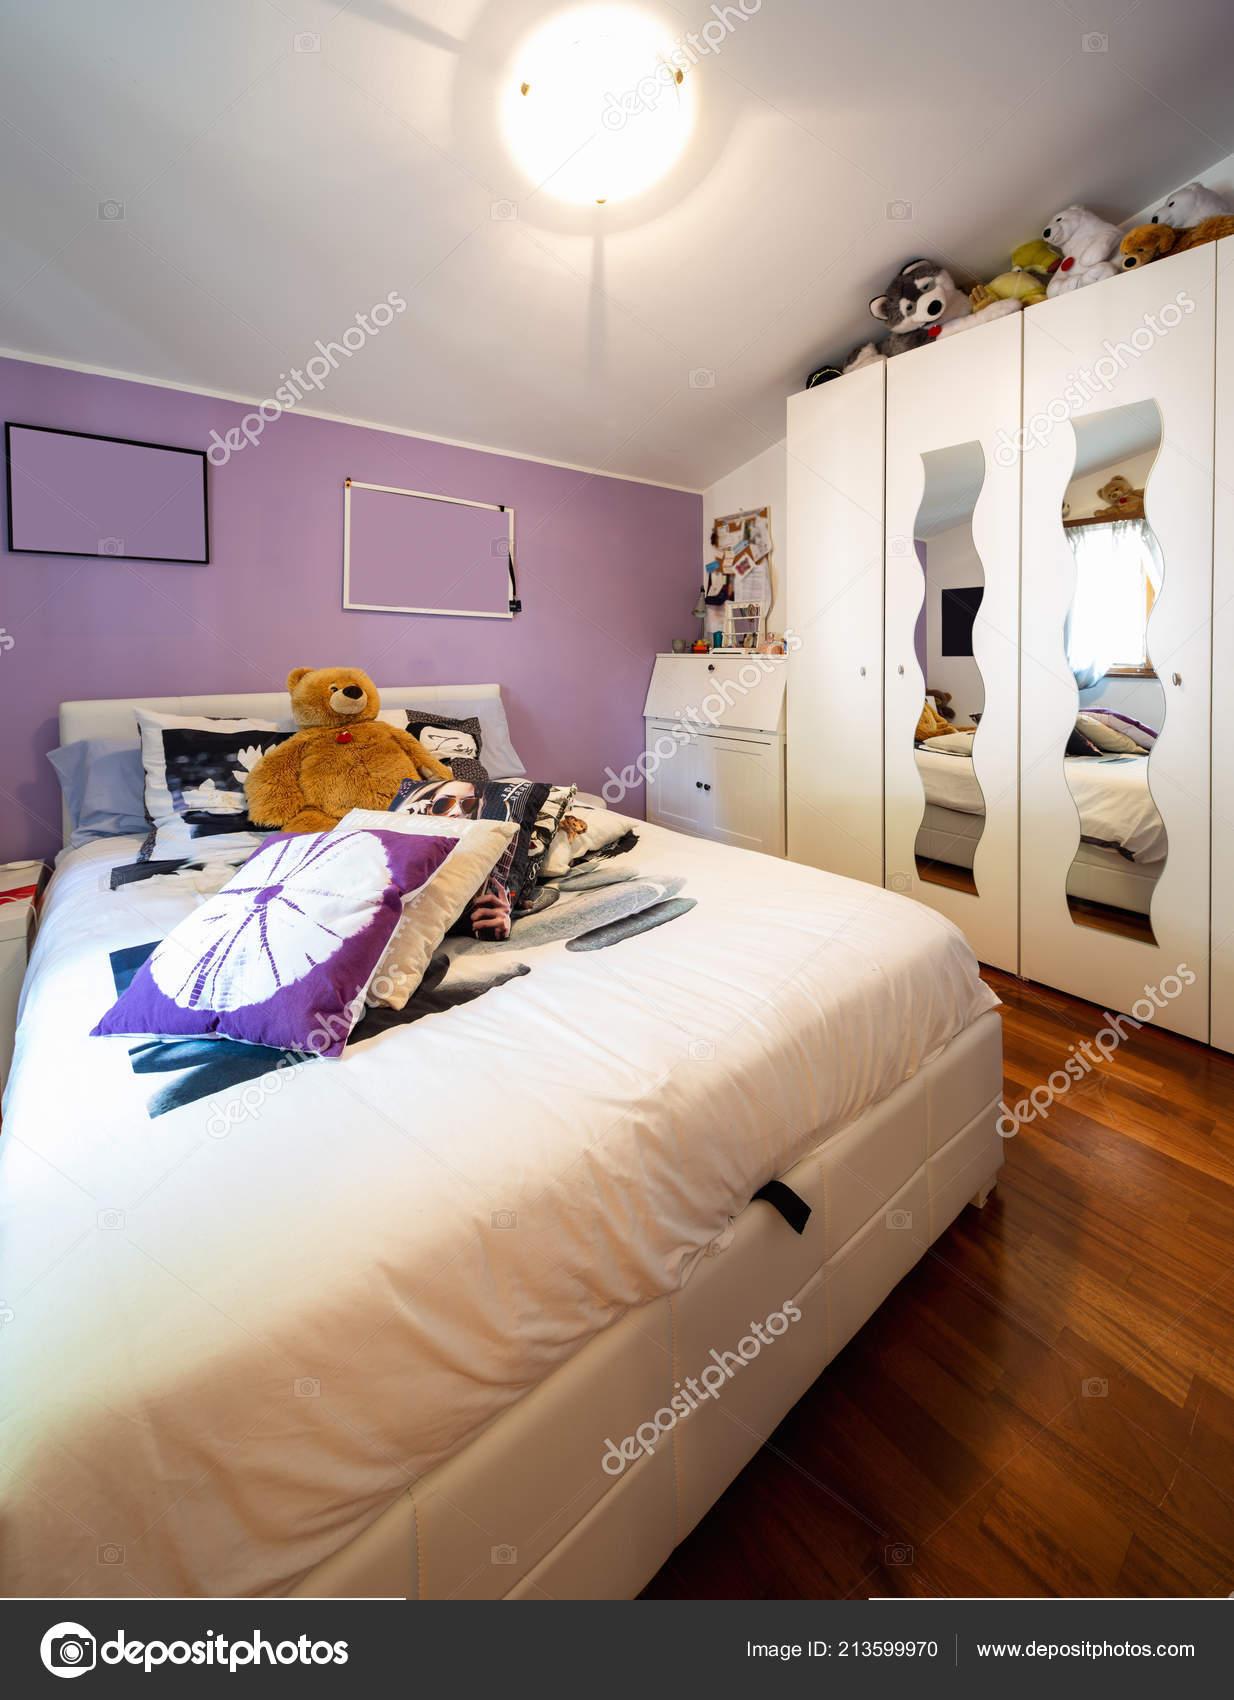 Fotografie: ragazzi a letto | Camera Letto Ragazzi ...